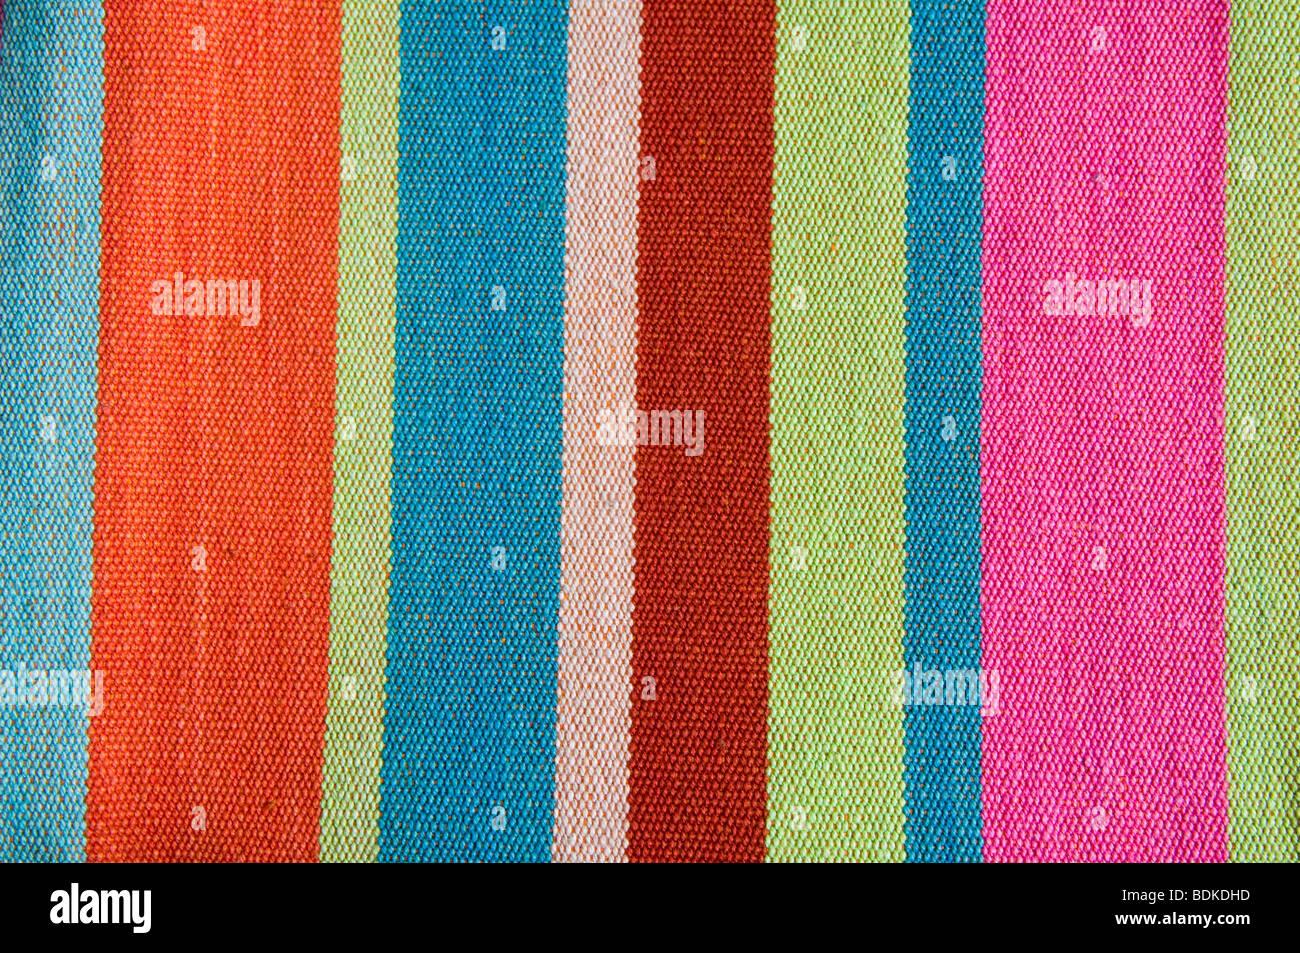 Stripey coloridas telas de algodón - reminiscencia de lona para tumbonas. Imagen De Stock